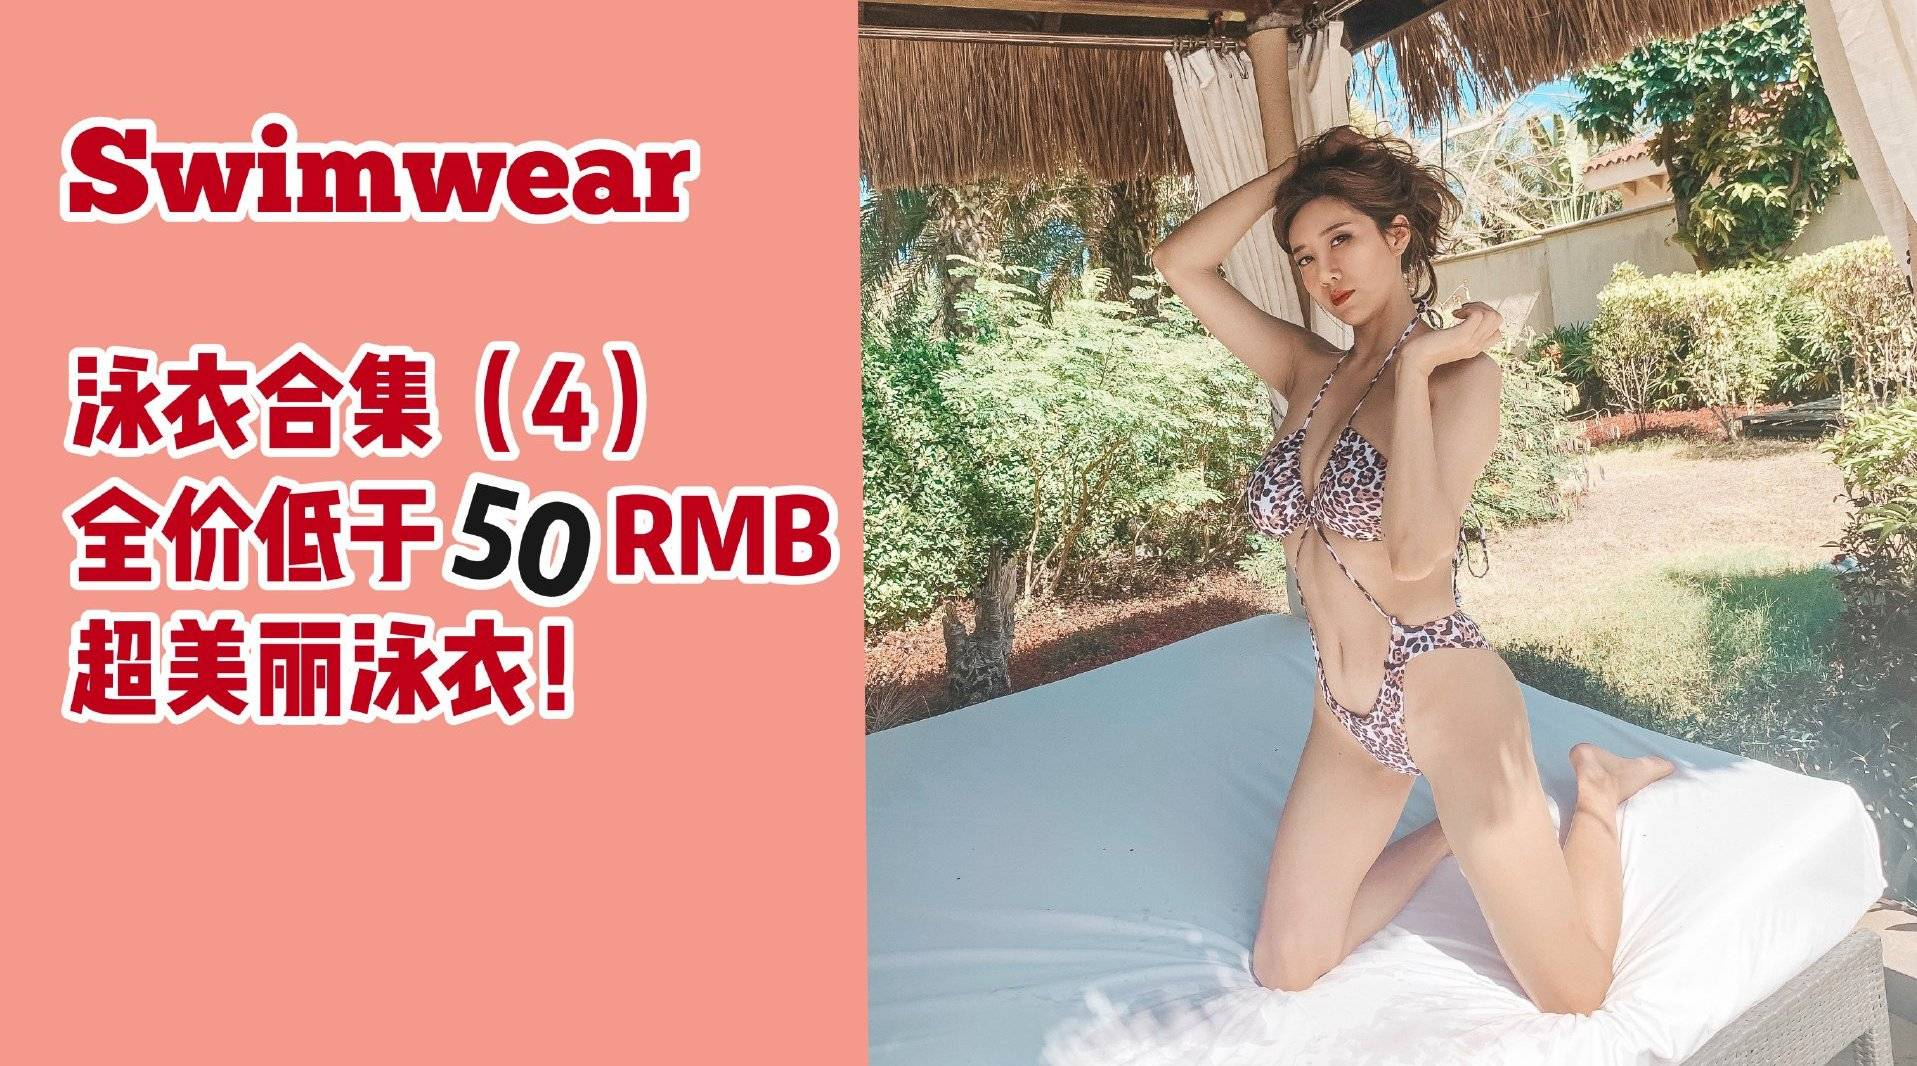 超便宜又美的泳衣合集(4)